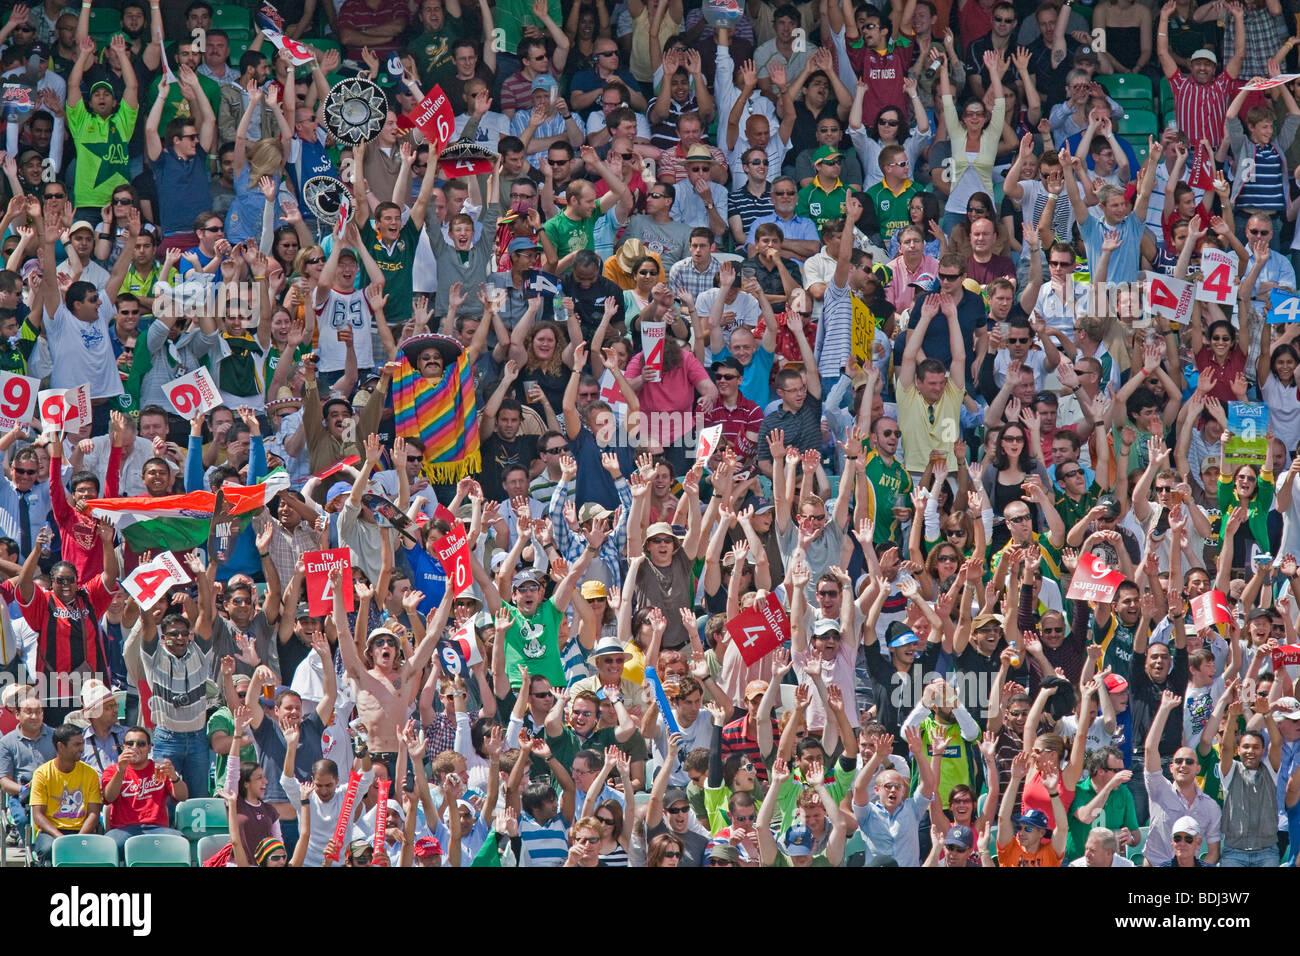 Une vague mexicaine avec un homme mexicain, une foule de supporters de cricket au monde 20vingt tournoi au Oval Photo Stock